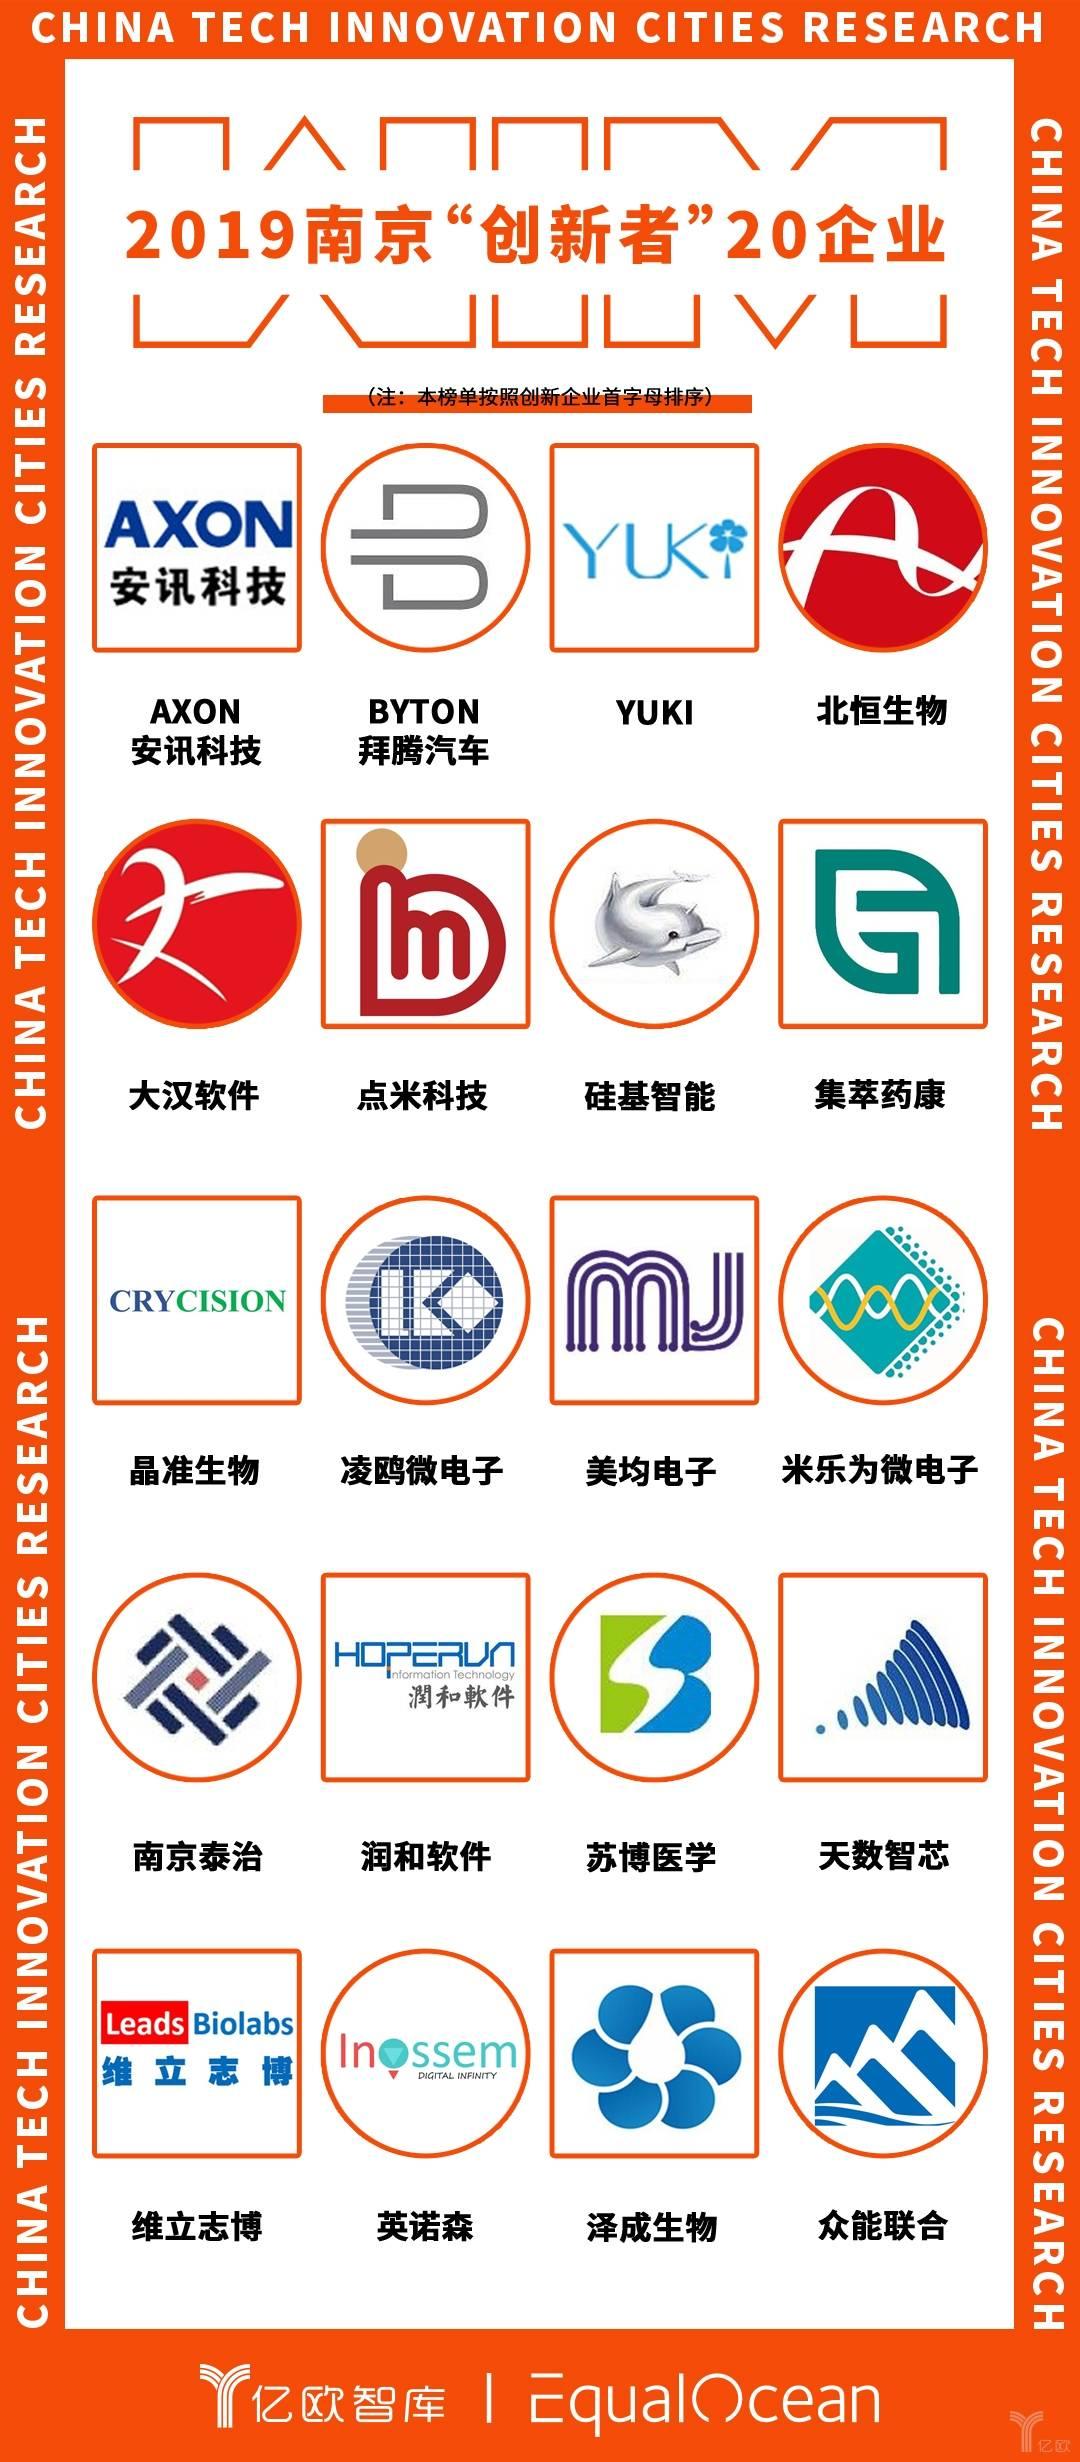 """2019南京""""创新者""""20企业.jpeg"""